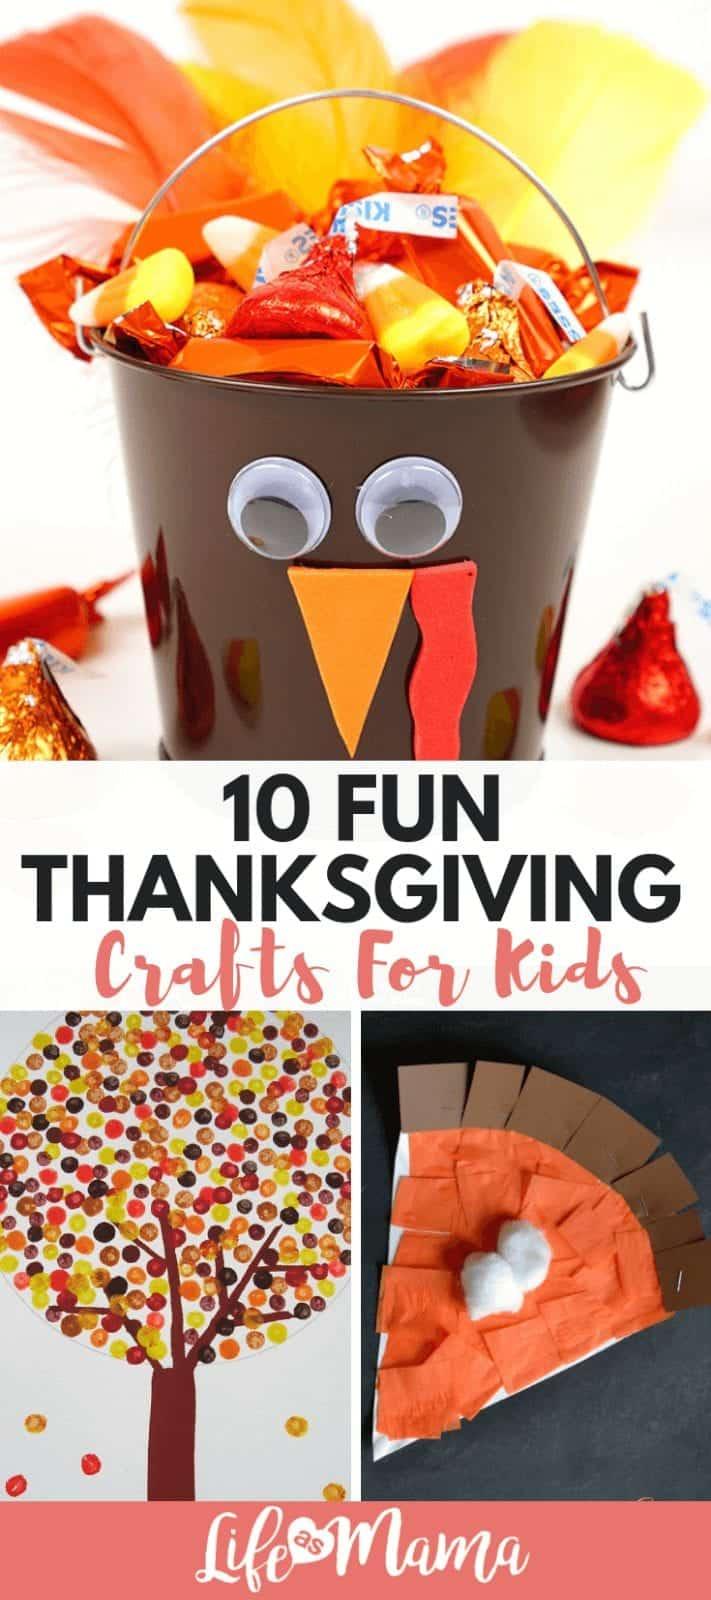 10 Fun Thanksgiving Crafts For Kids